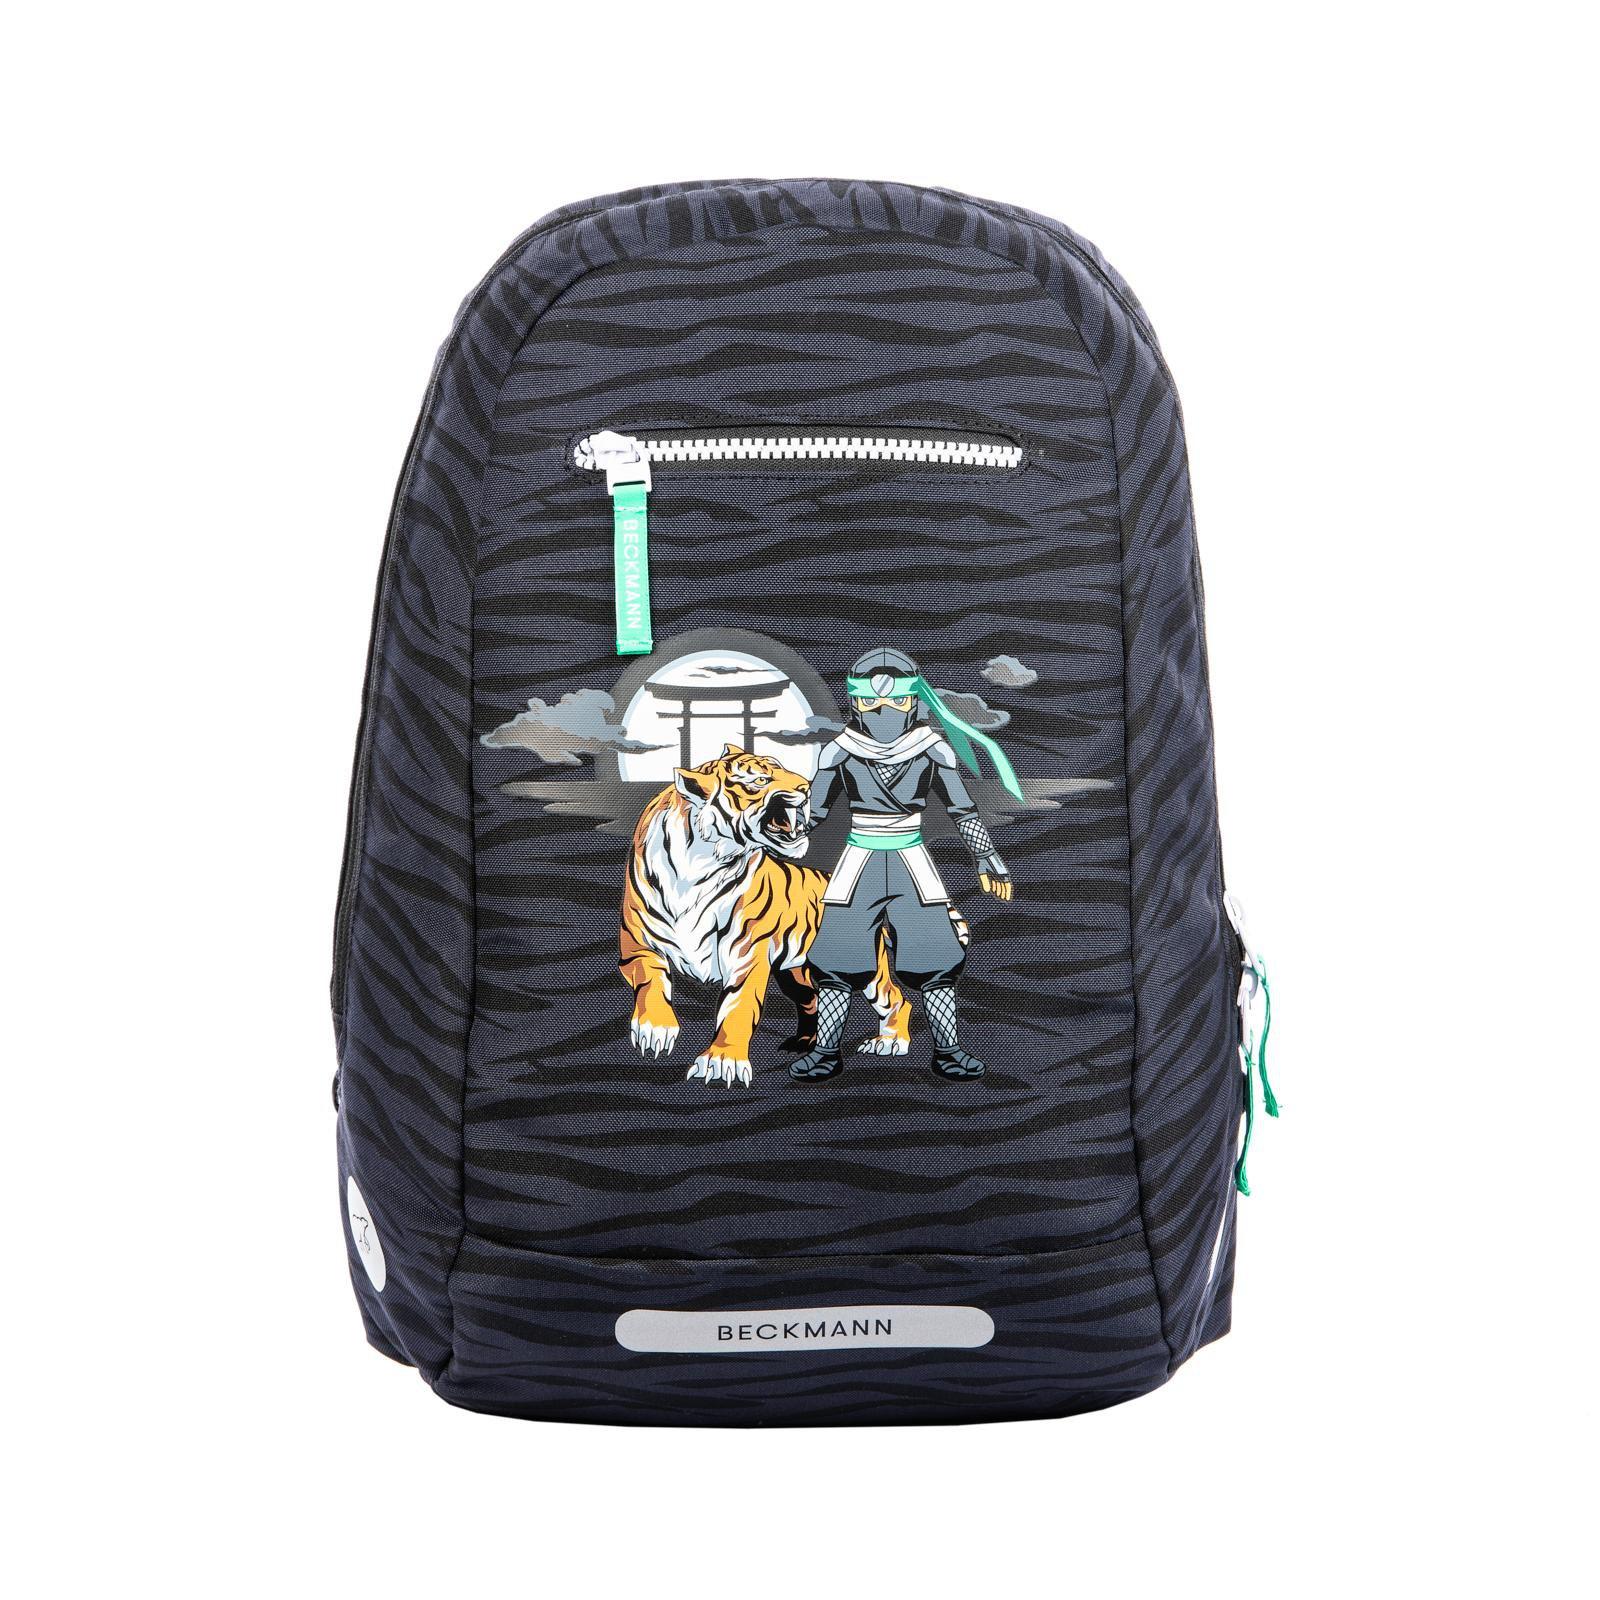 Рюкзак beckmann 7049981110028 цена и фото